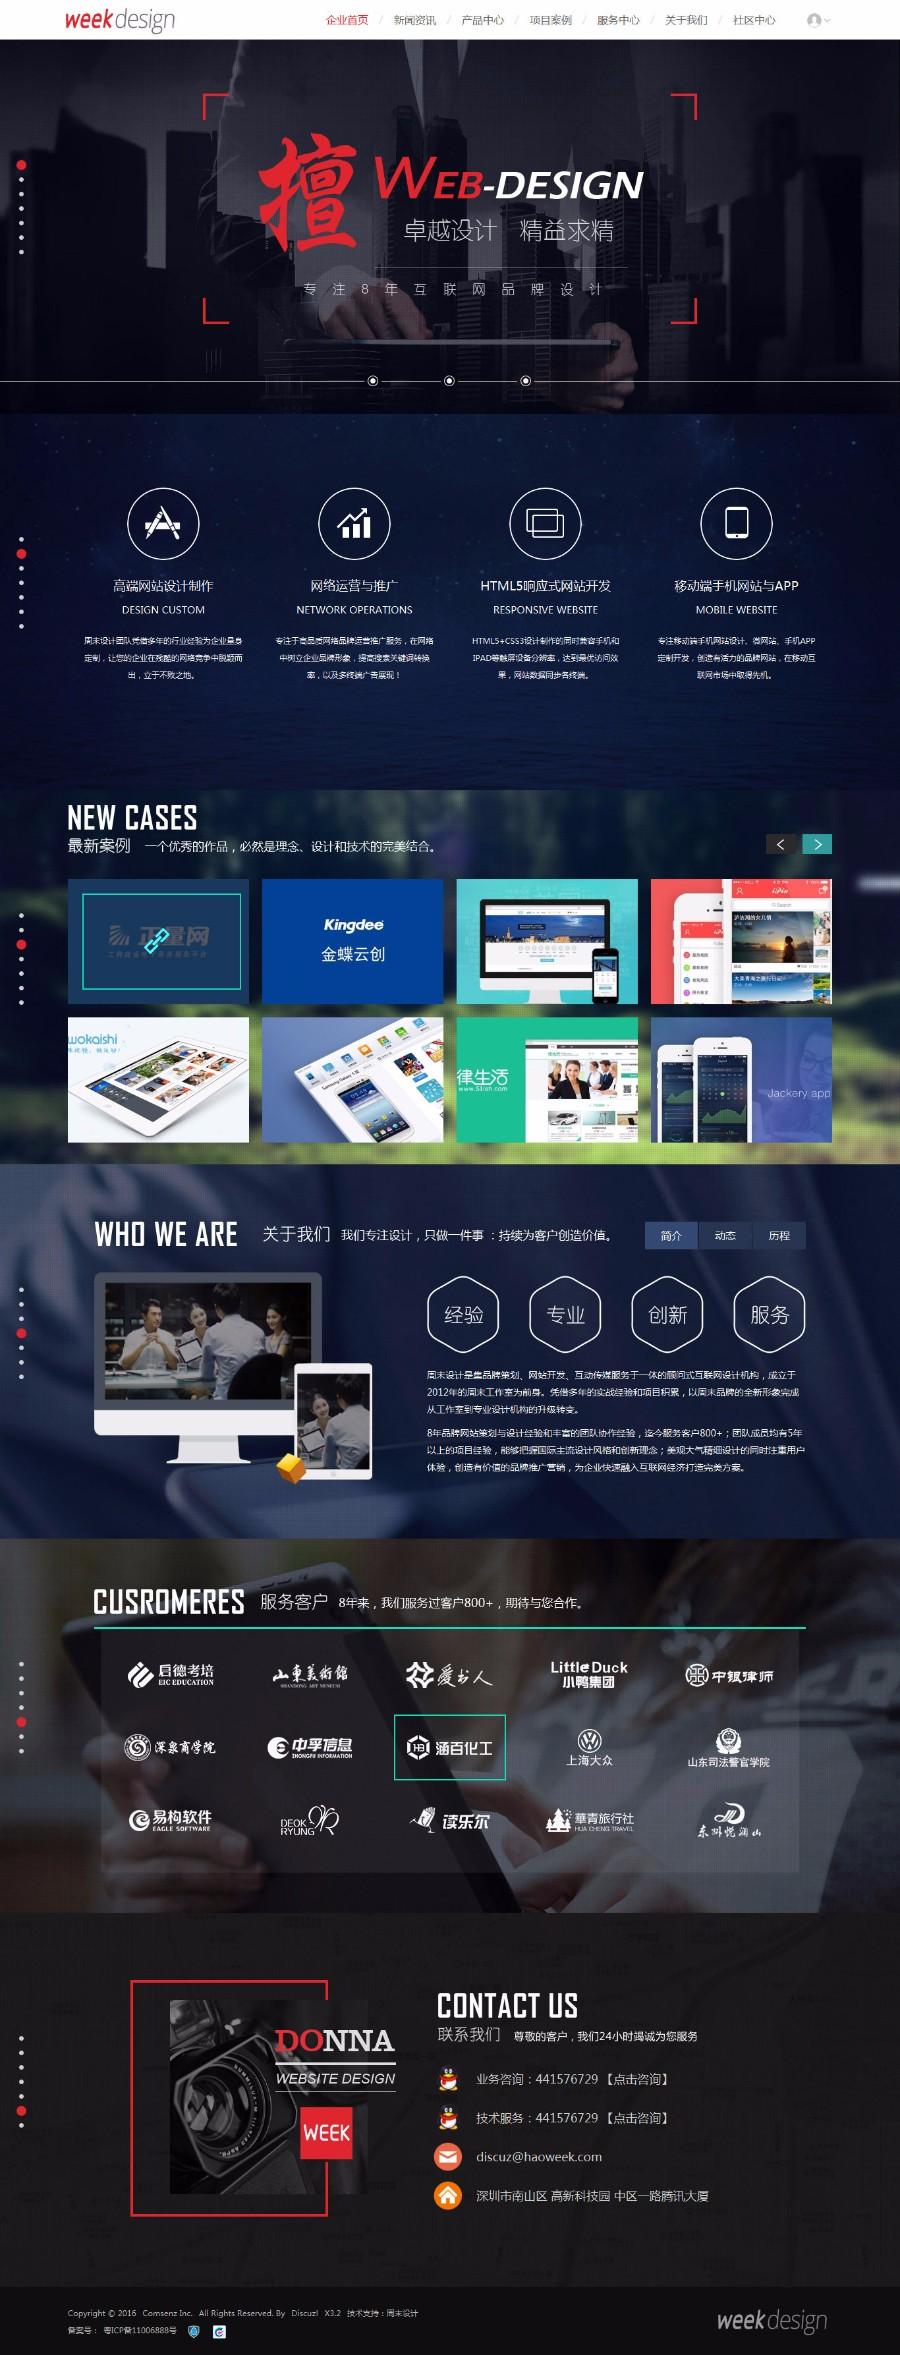 高端企业交互式模板week_jiaohu V1.1商业版Discuz模板dz商业模板